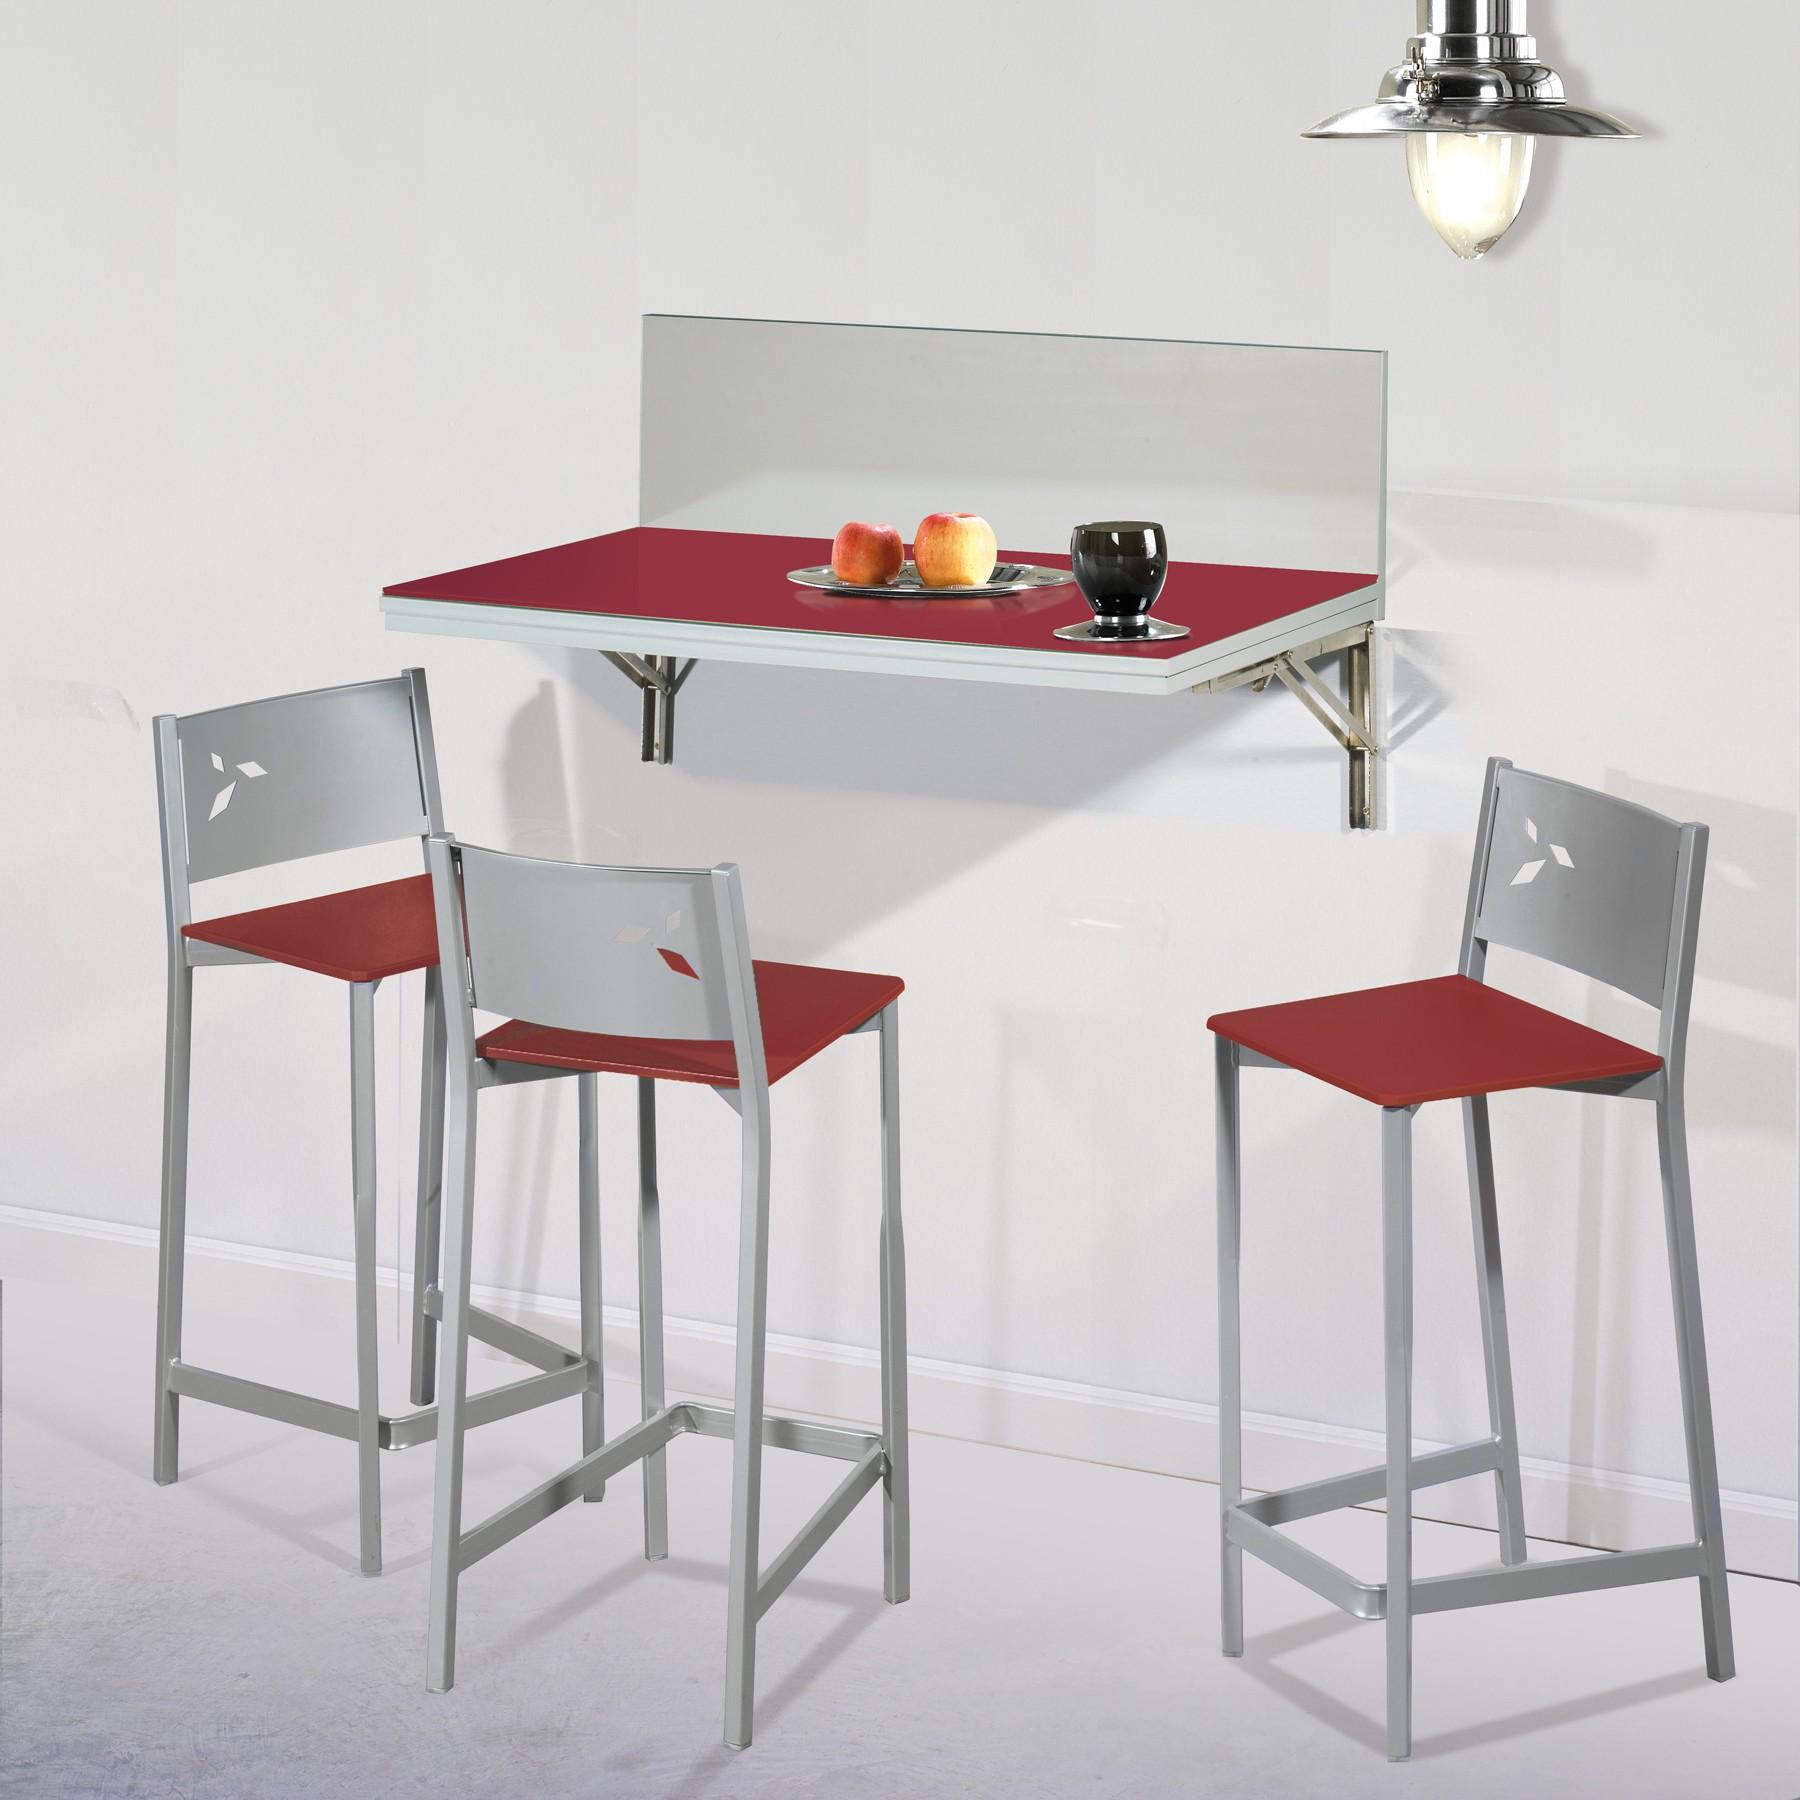 Mesa de cocina plegable de pared con 2 posiciones dkg for Mesas para cocinas estrechas